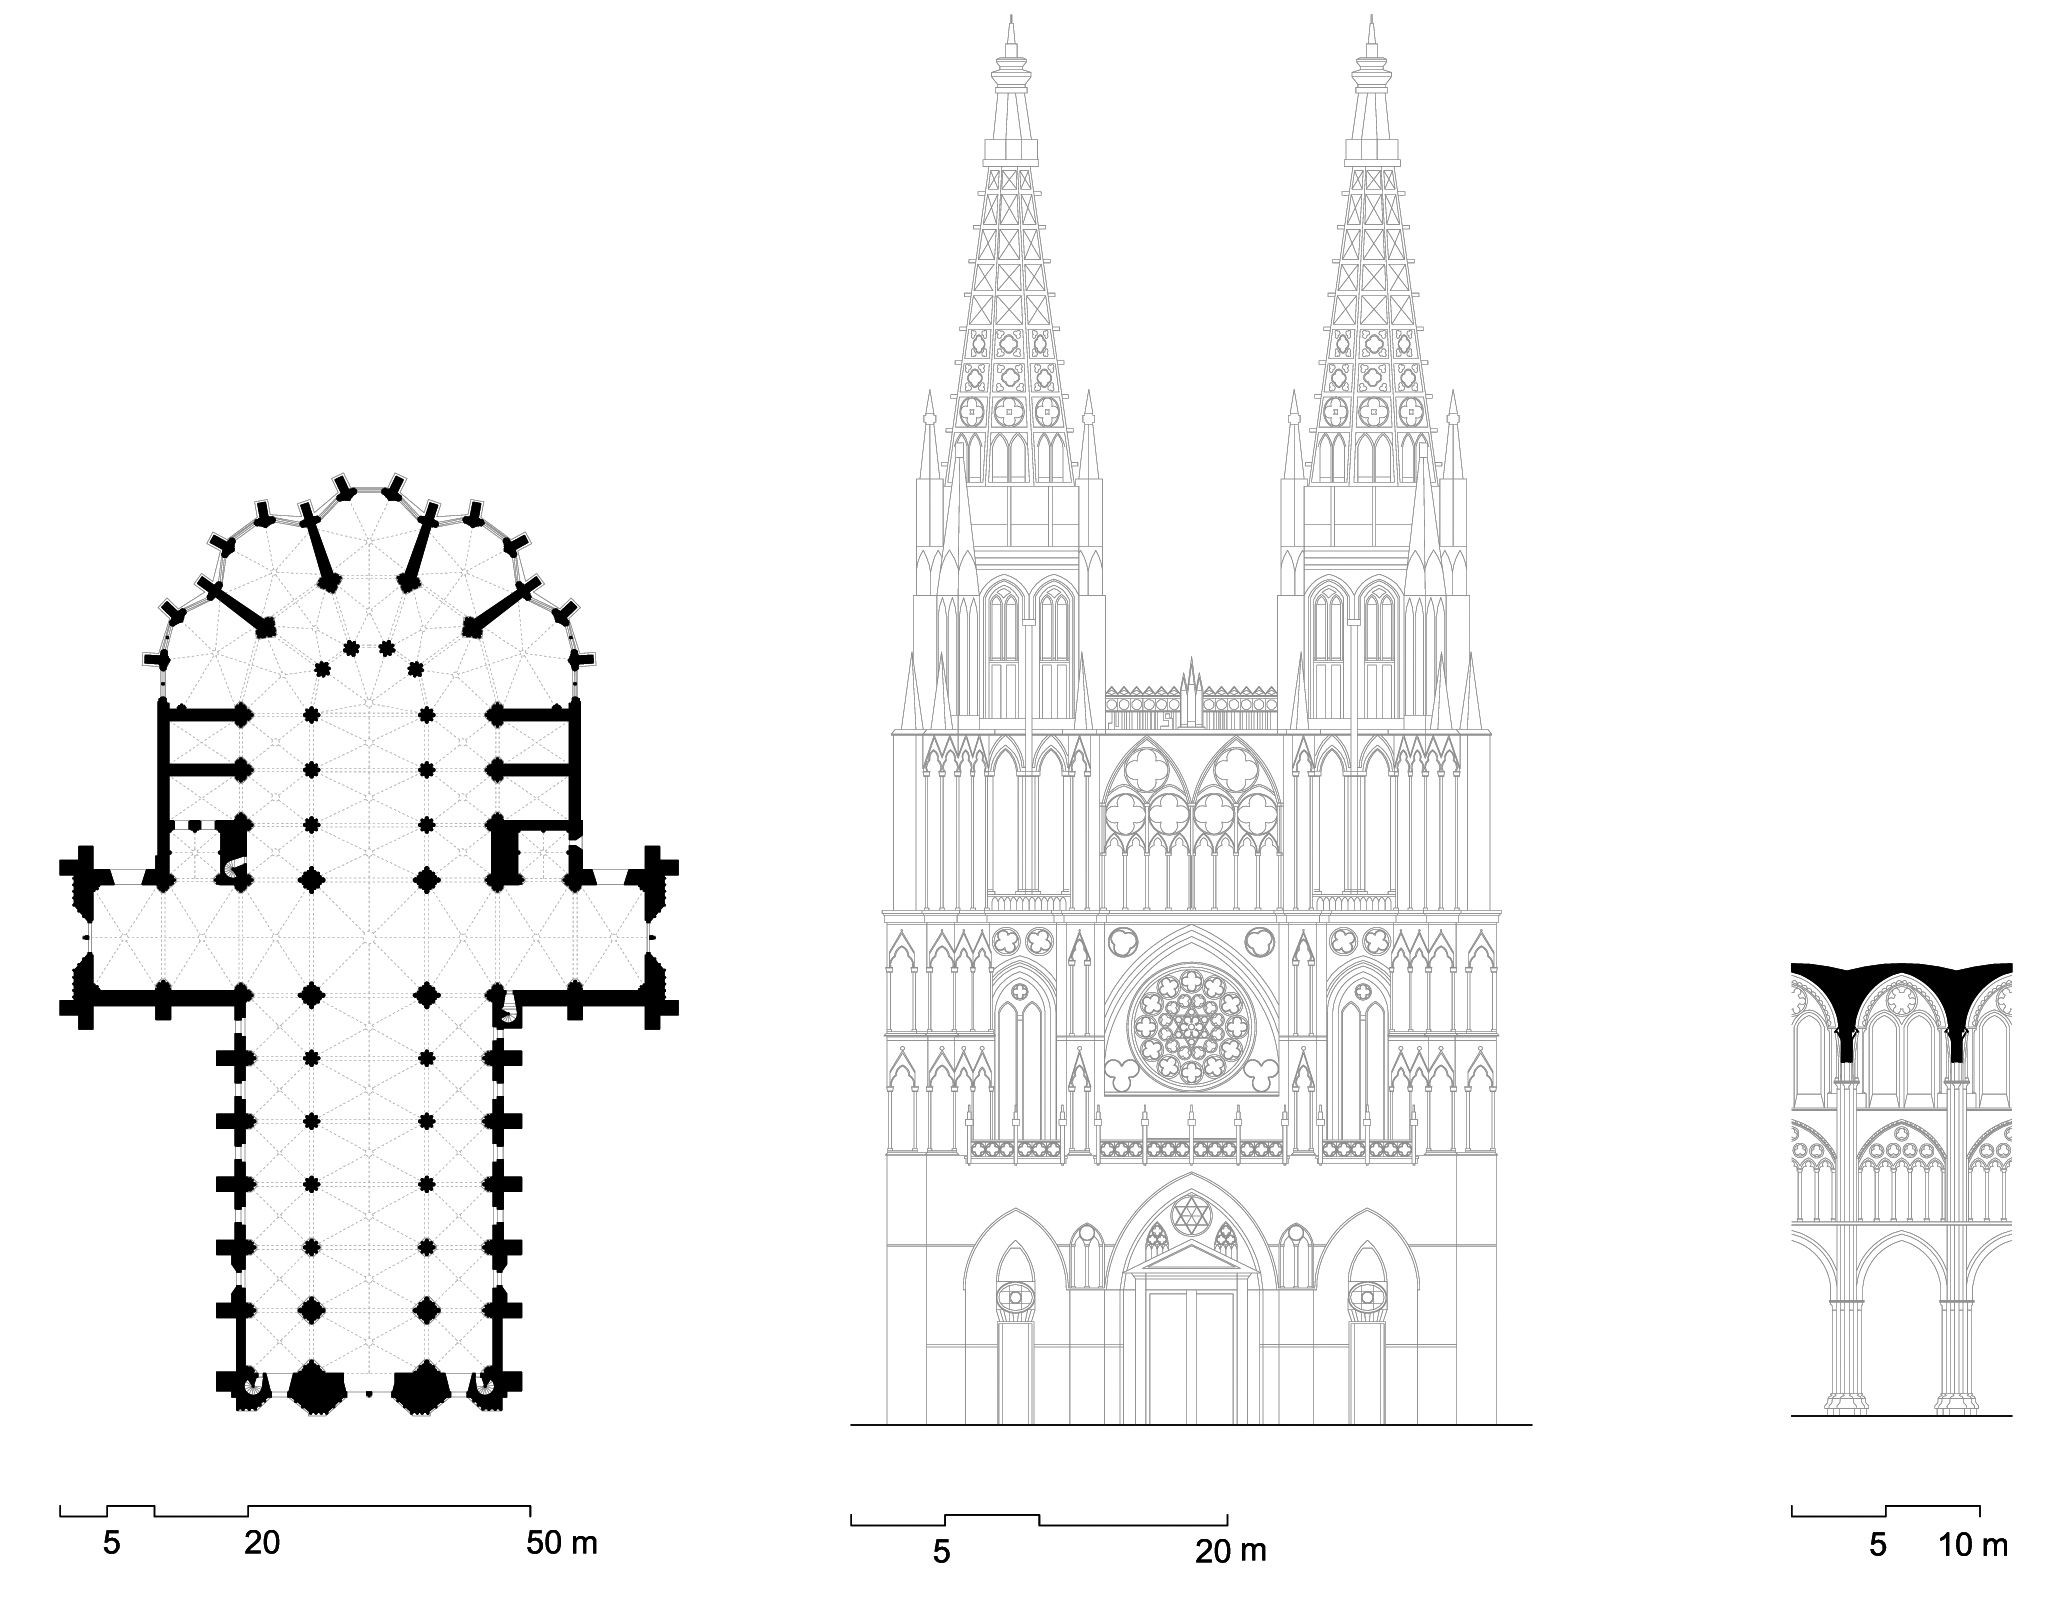 Planta alzado y corte interior de la catedral de burgos - Alzado arquitectura ...